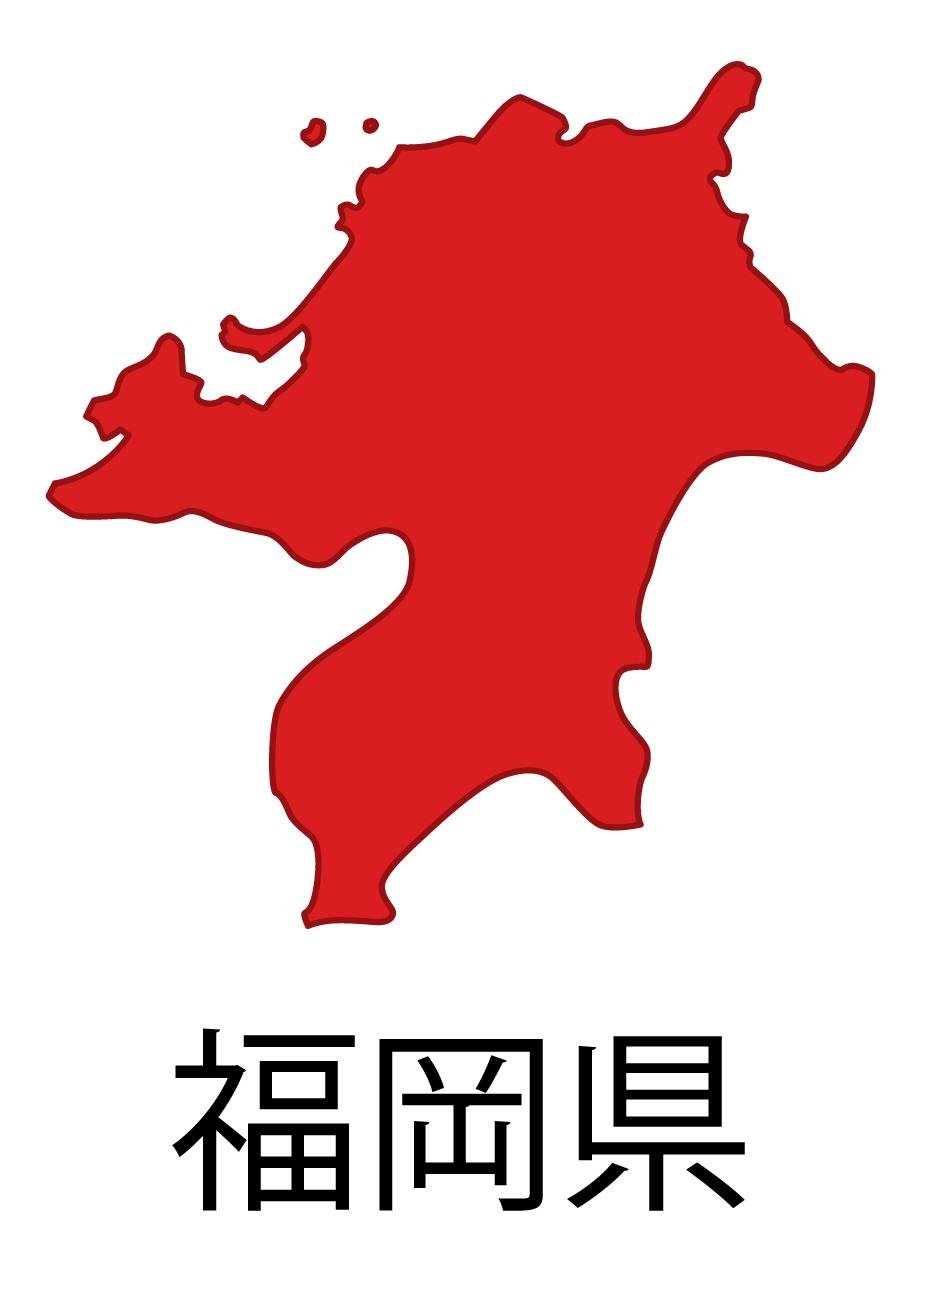 福岡県無料フリーイラスト|日本語・都道府県名あり(赤)